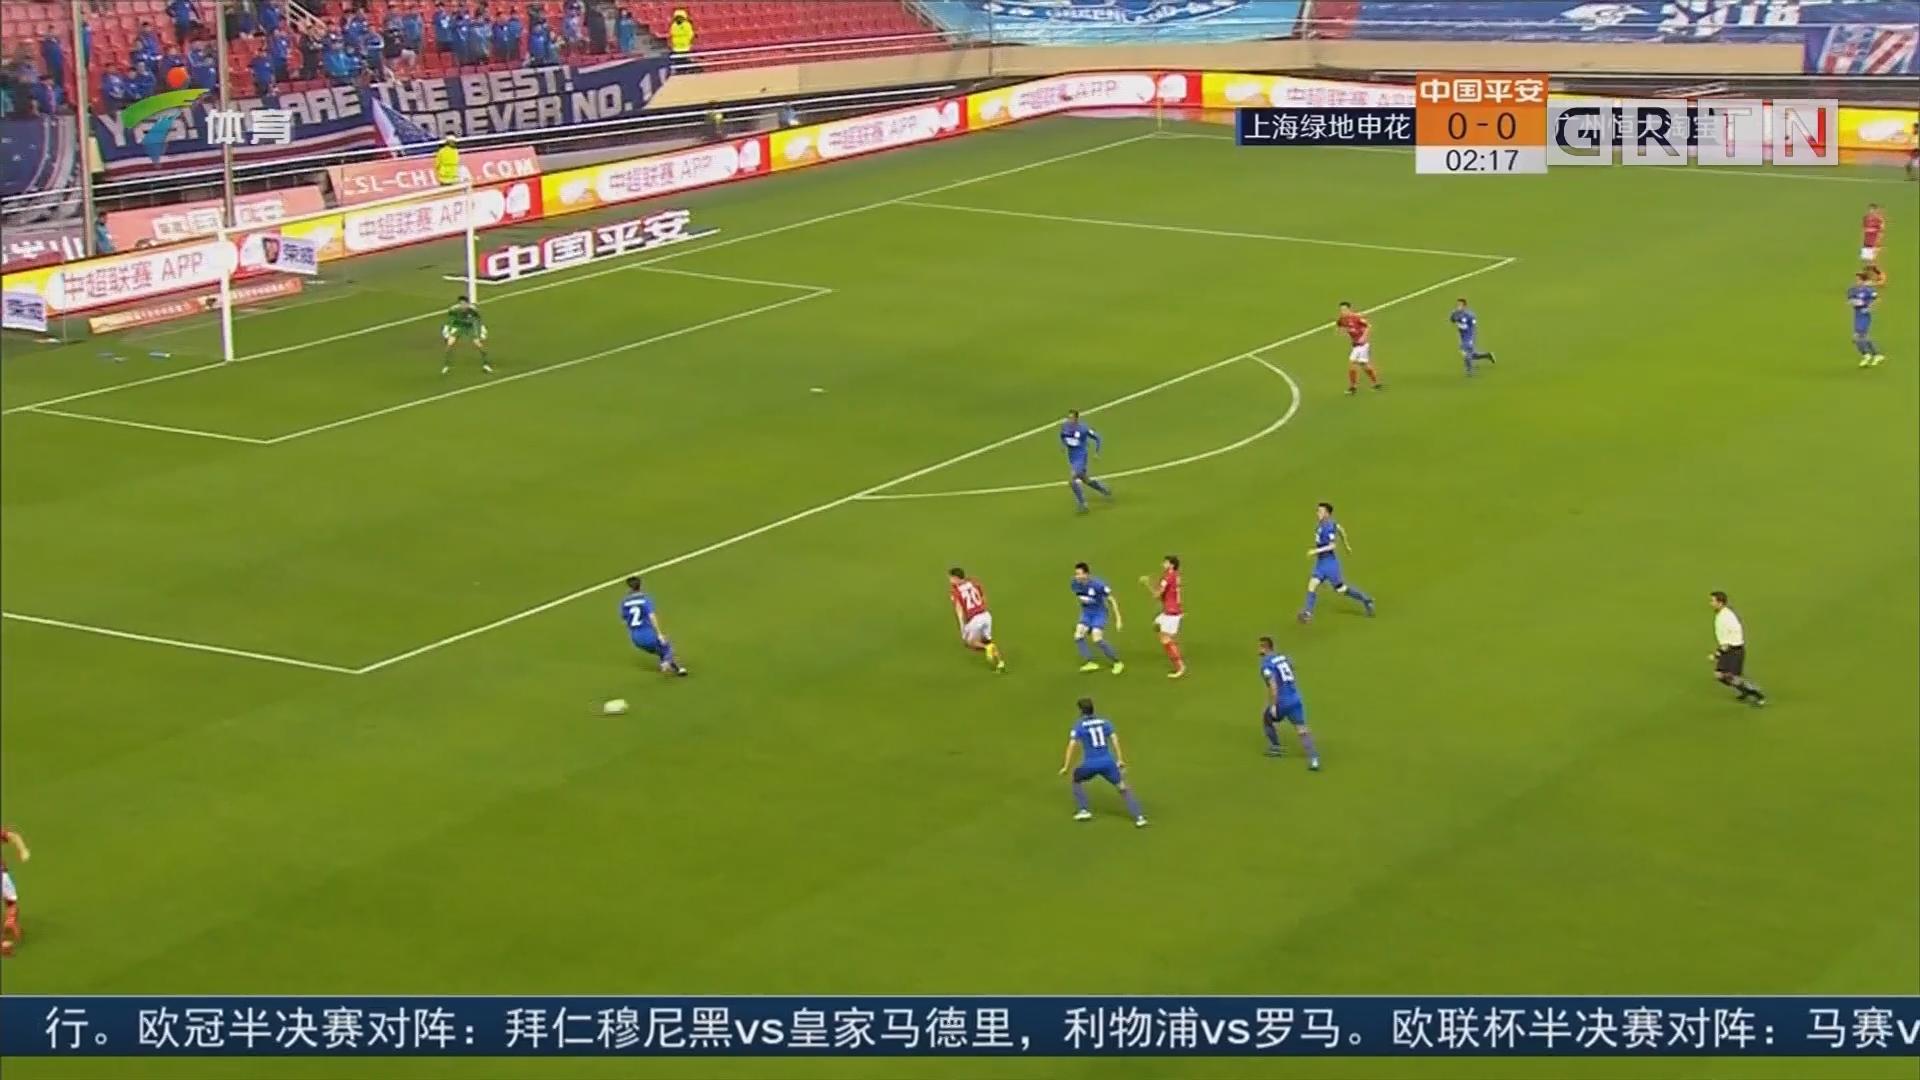 广州恒大VS上海申花——陈宁